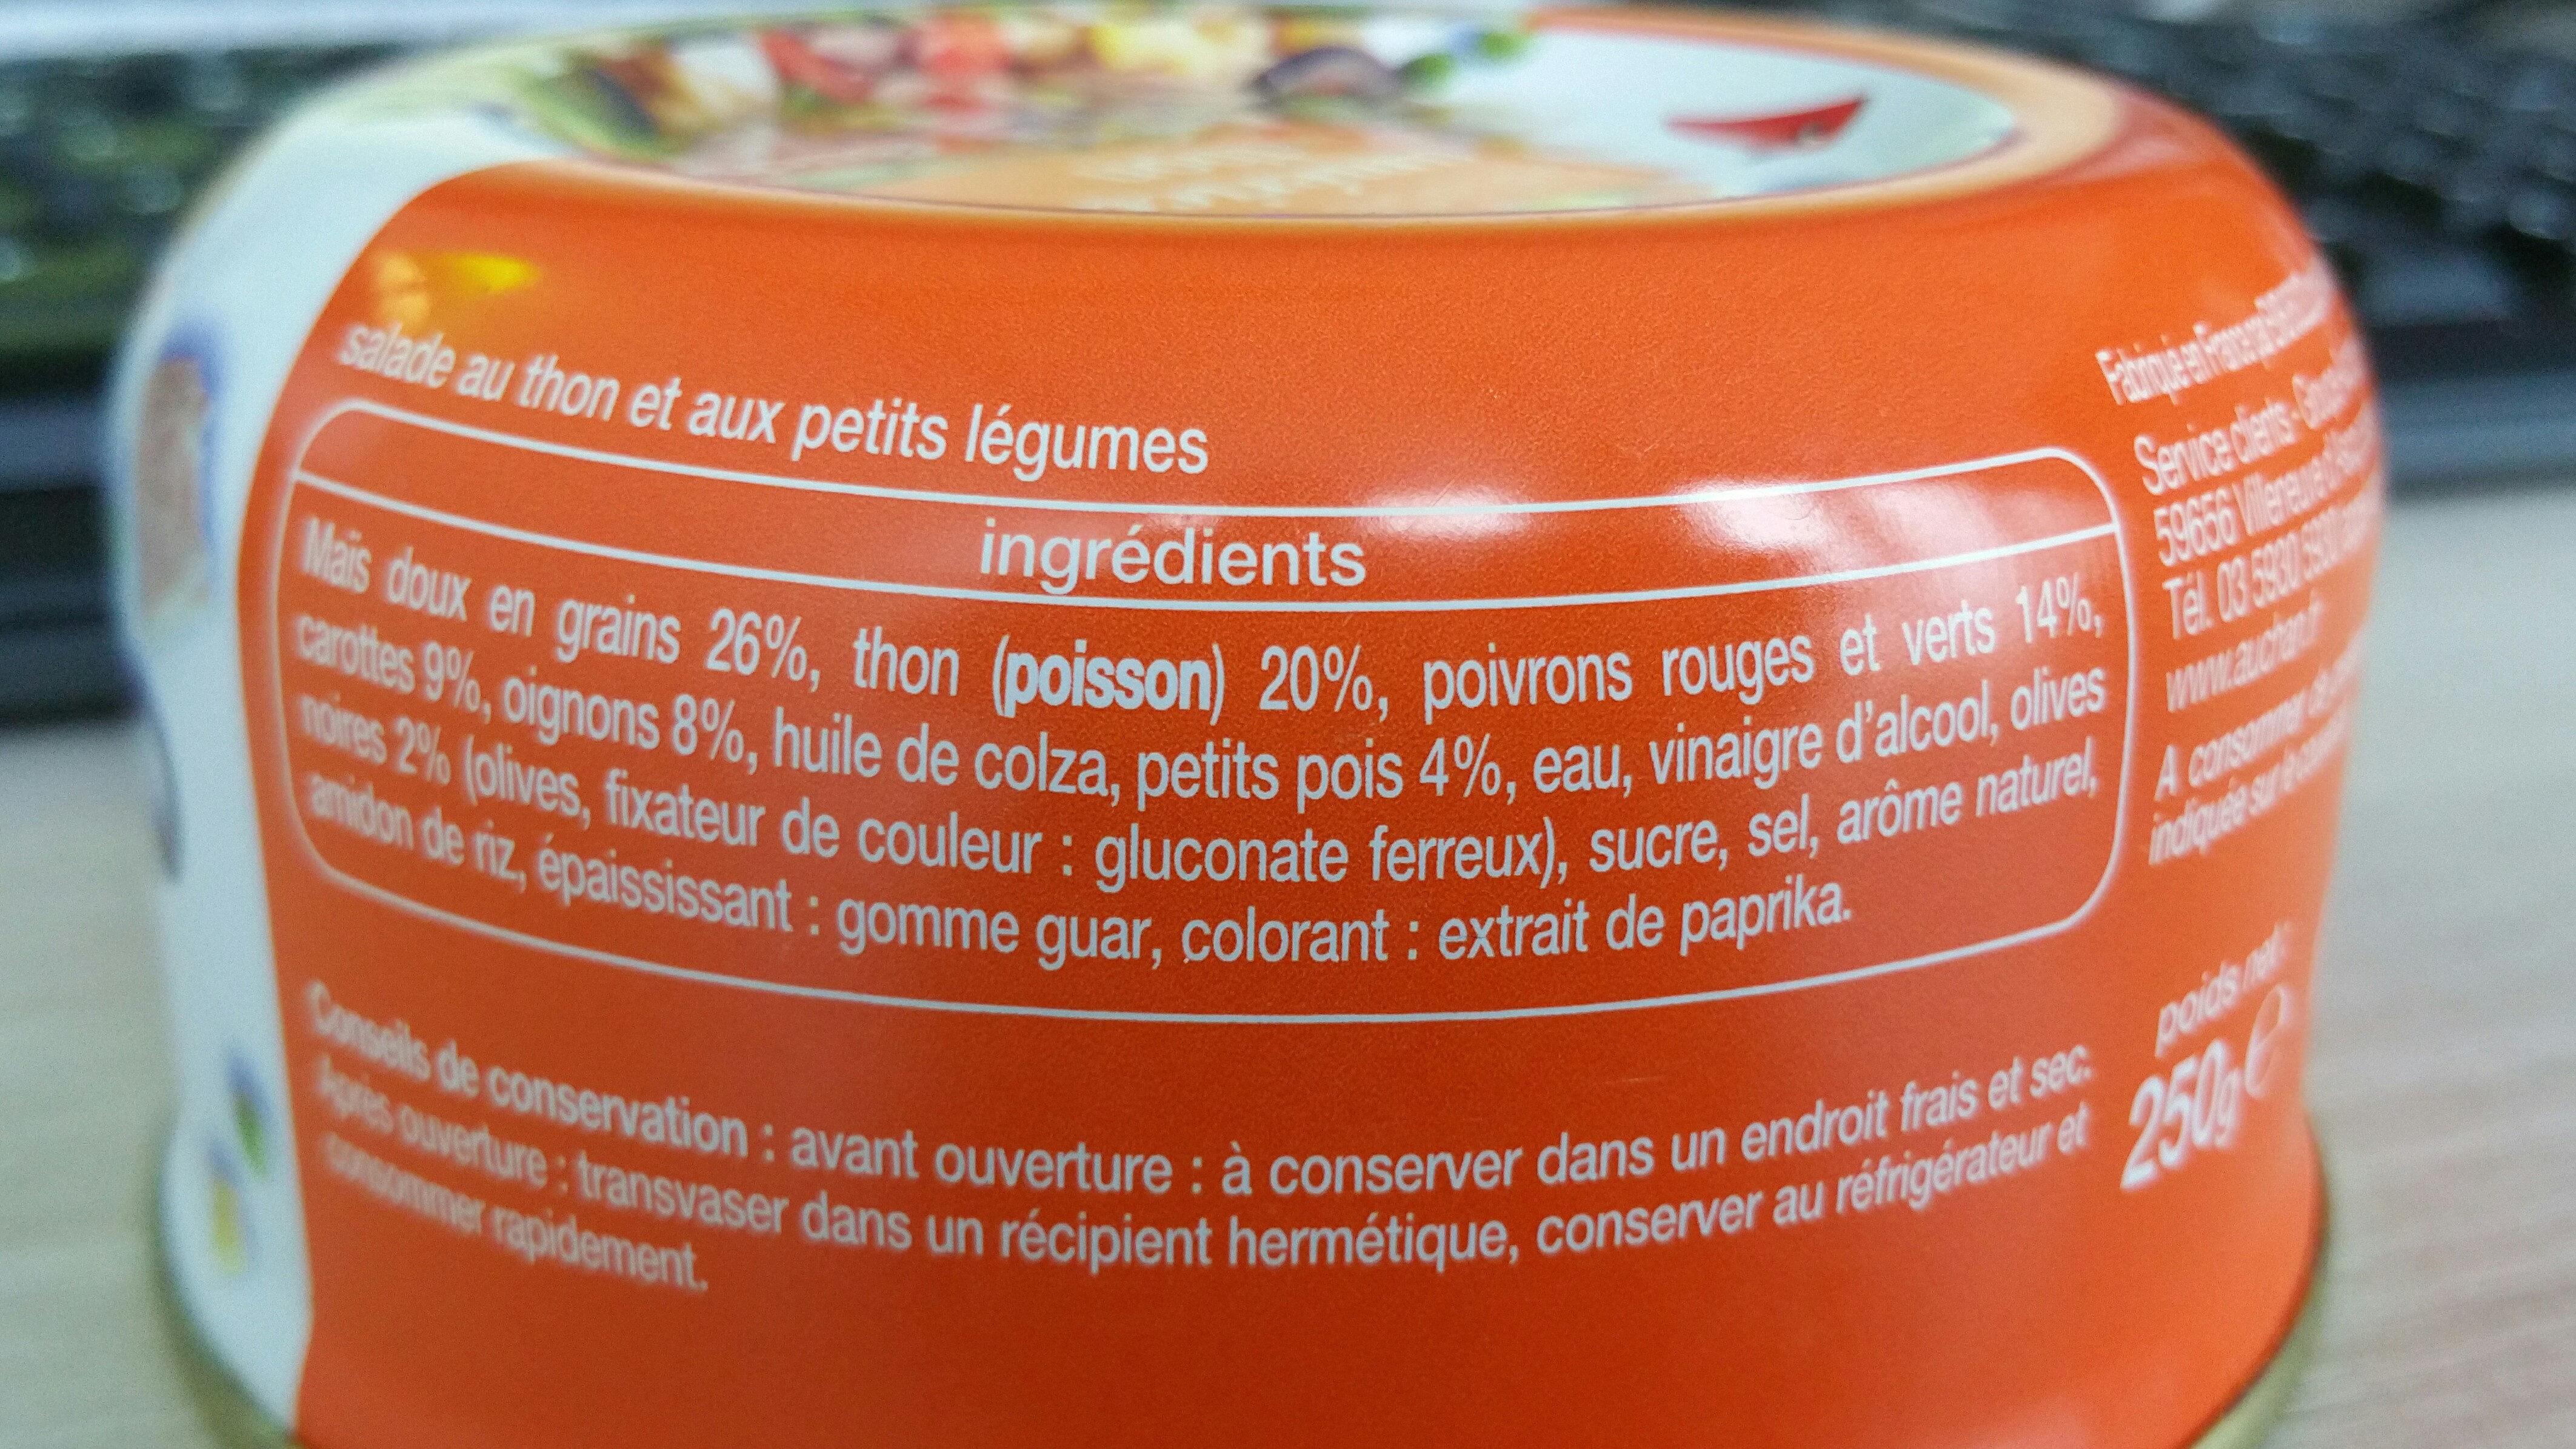 Salade Américaine Au Thon - Ingrédients - fr